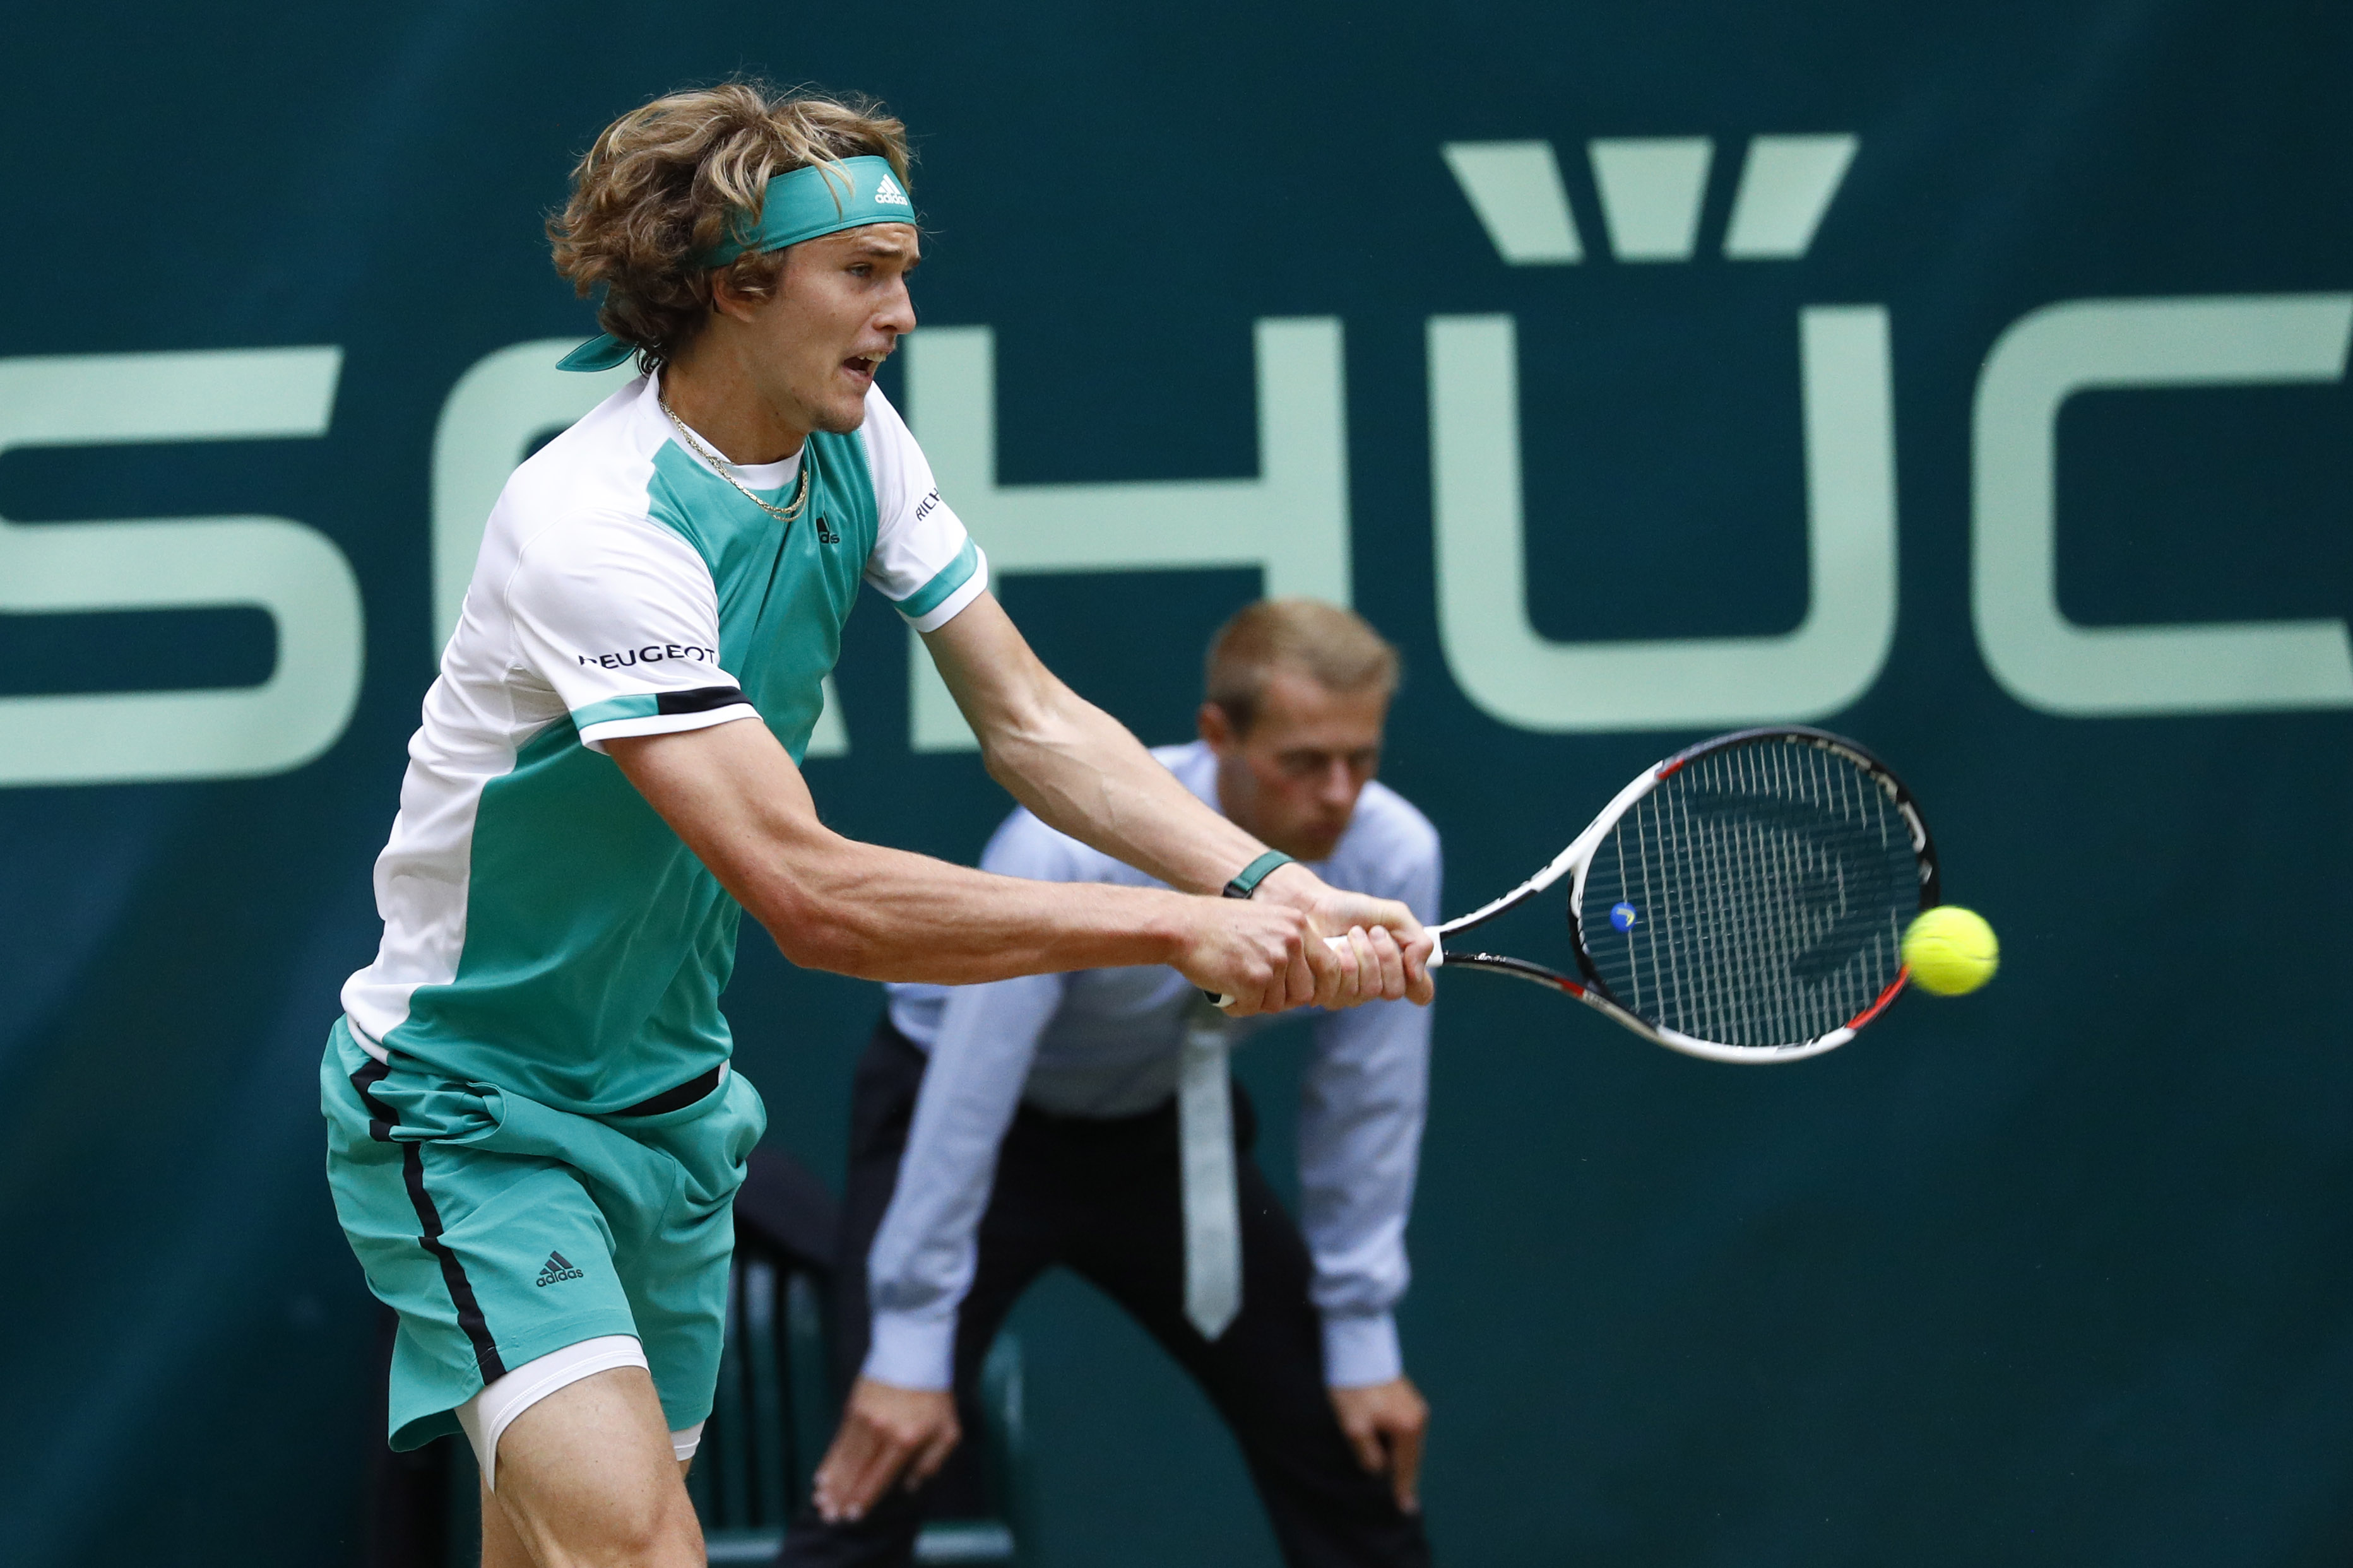 Alexander Zverev stand zuletzt beim Turnier von Halle im Finale. Dort verlor er jedoch deutlich (1:6, 3:6) gegen Rekordsieger Roger Federer.